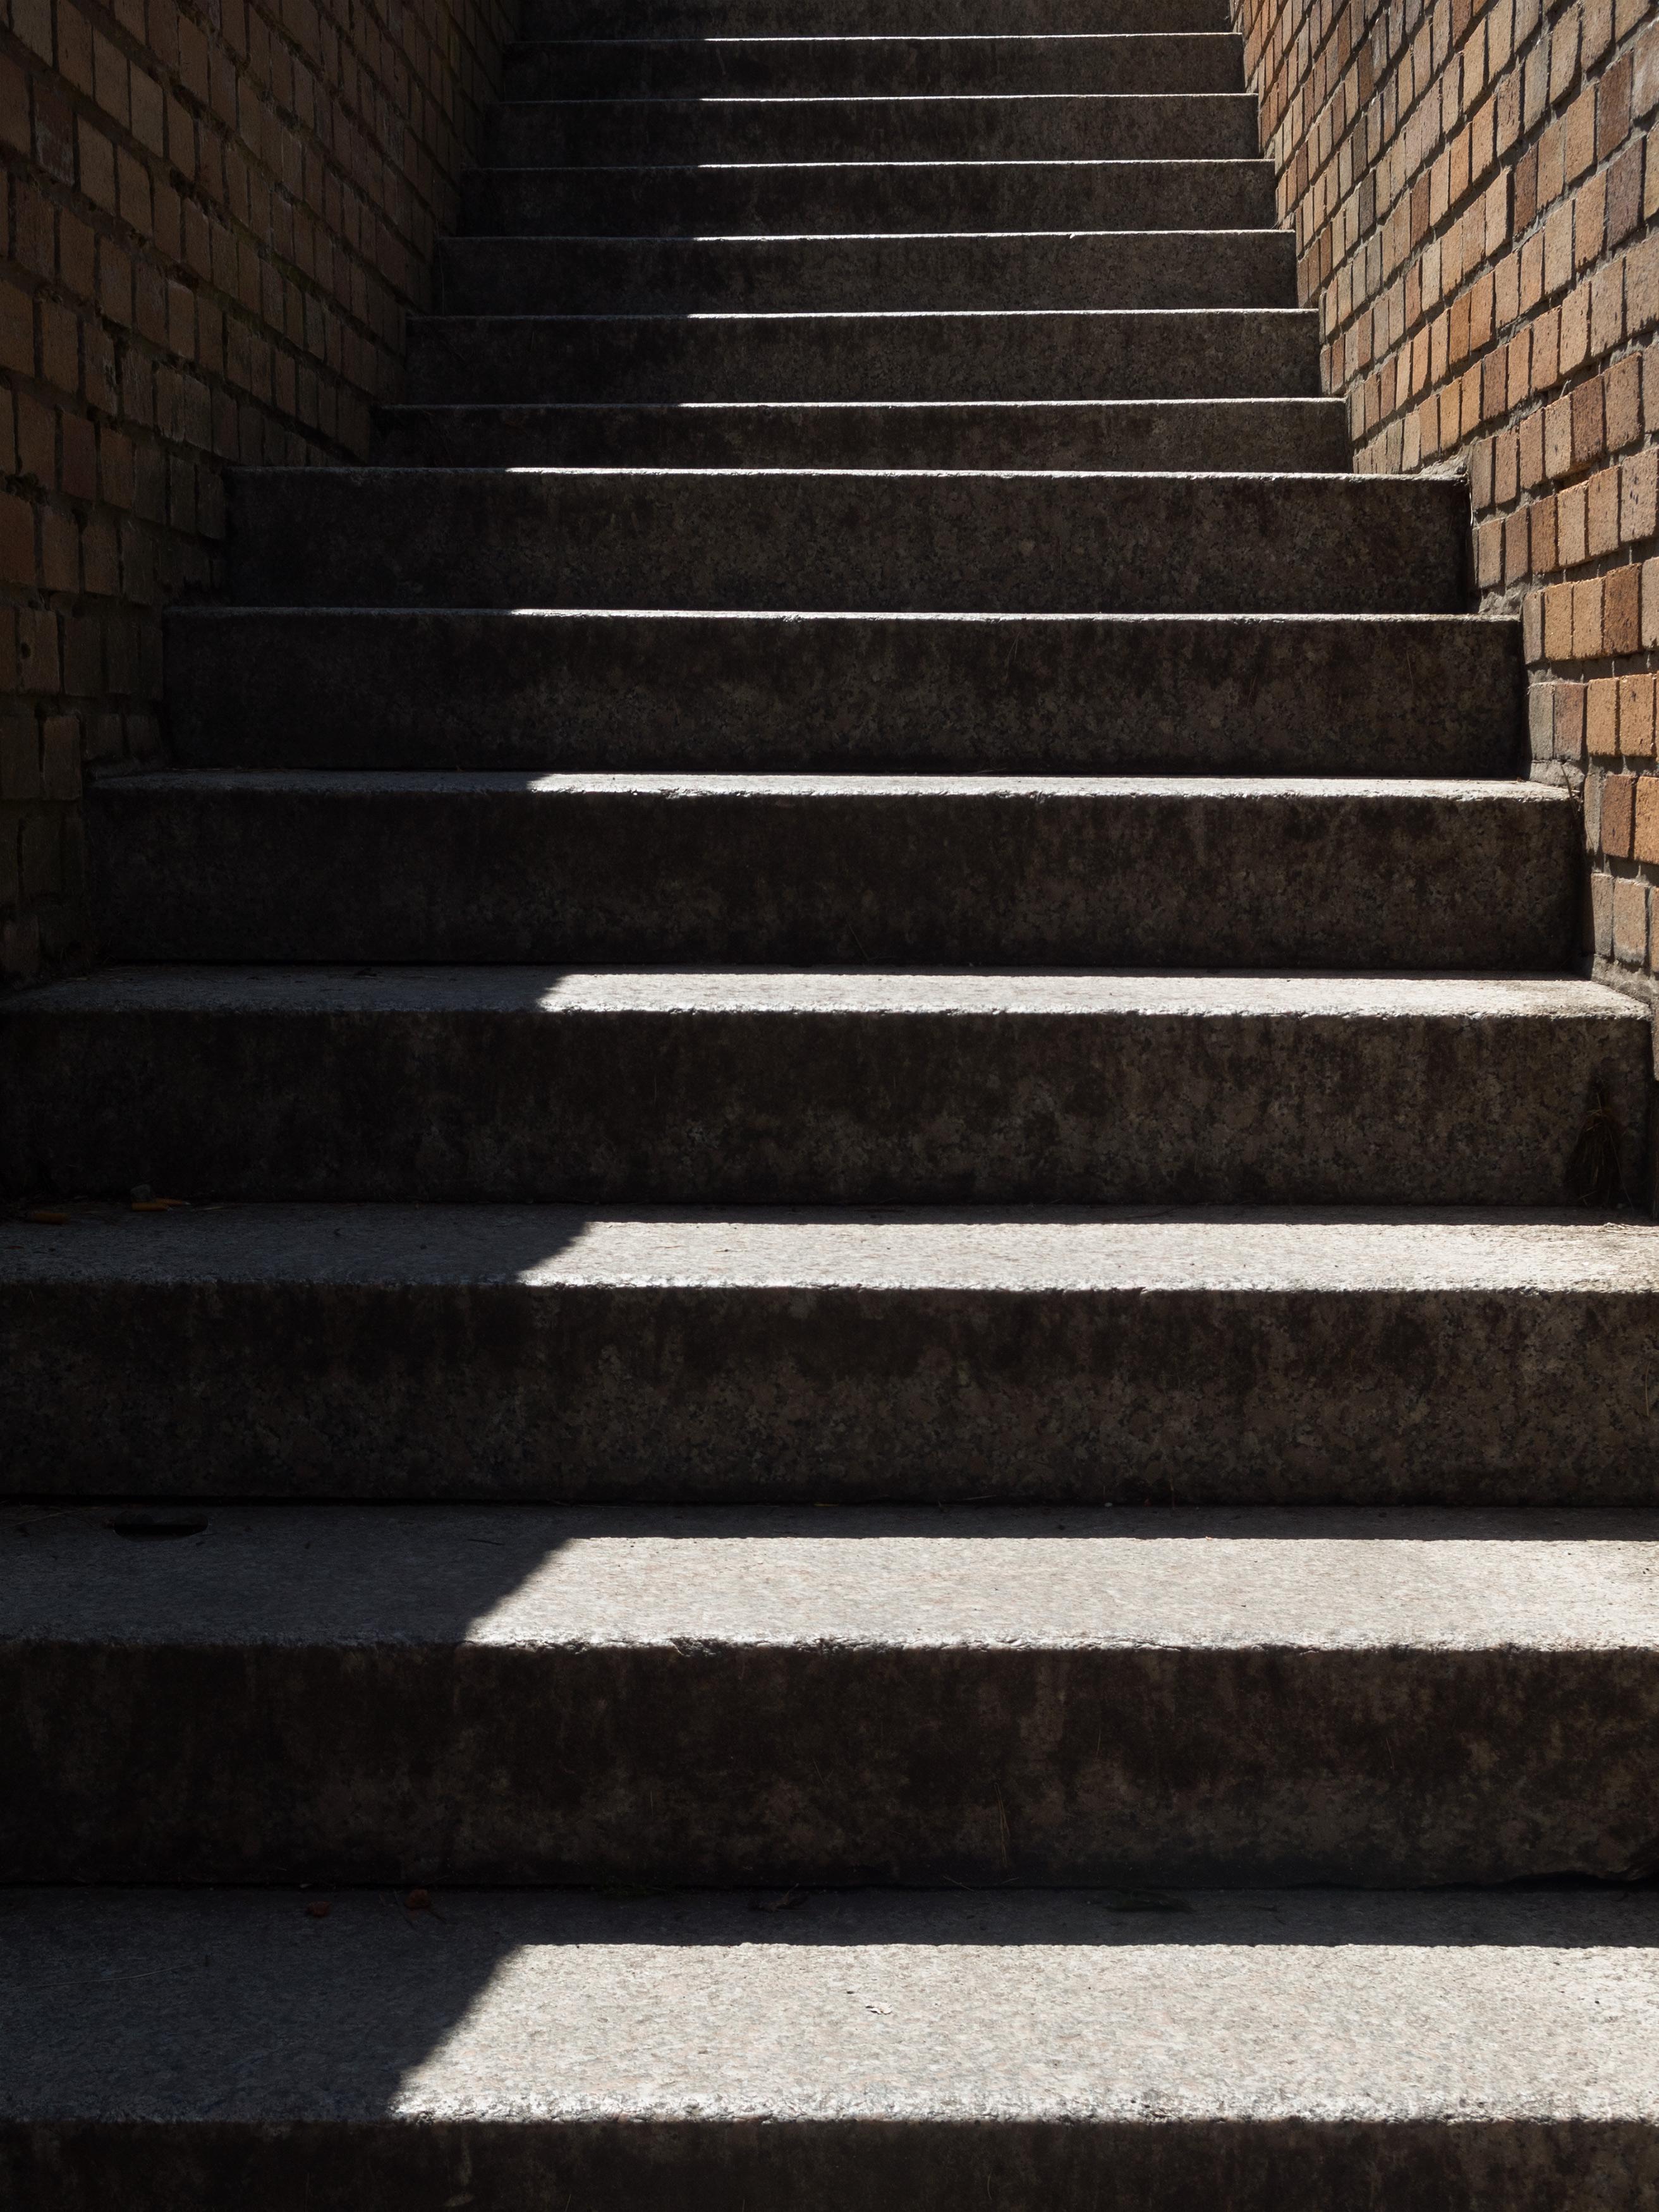 Steps Close Up - FREE image on LibreShot